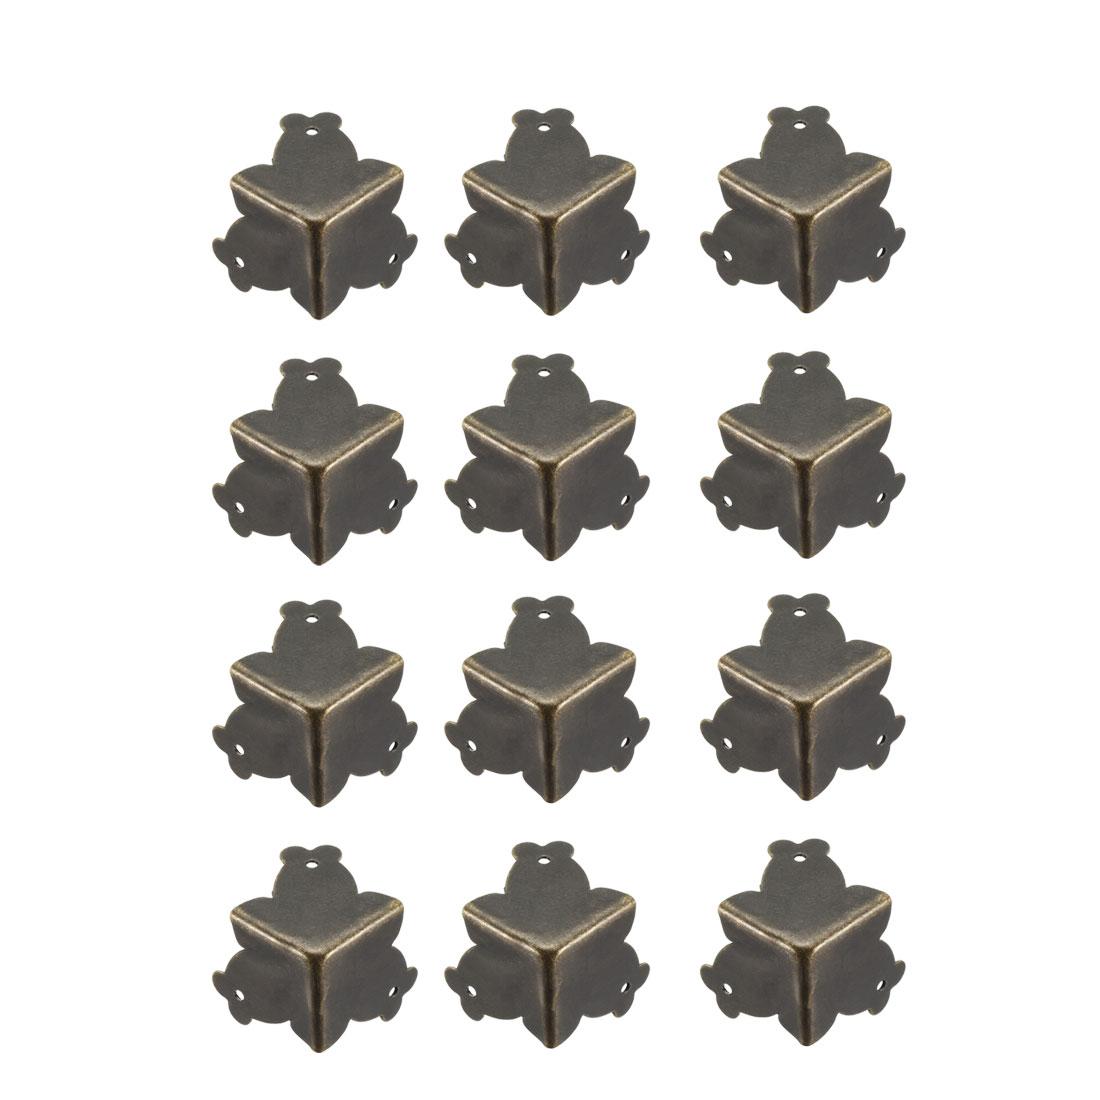 Metal Box Corner Protectors Edge Guard Protector 25x25x25mm Bronze Tone 12pcs